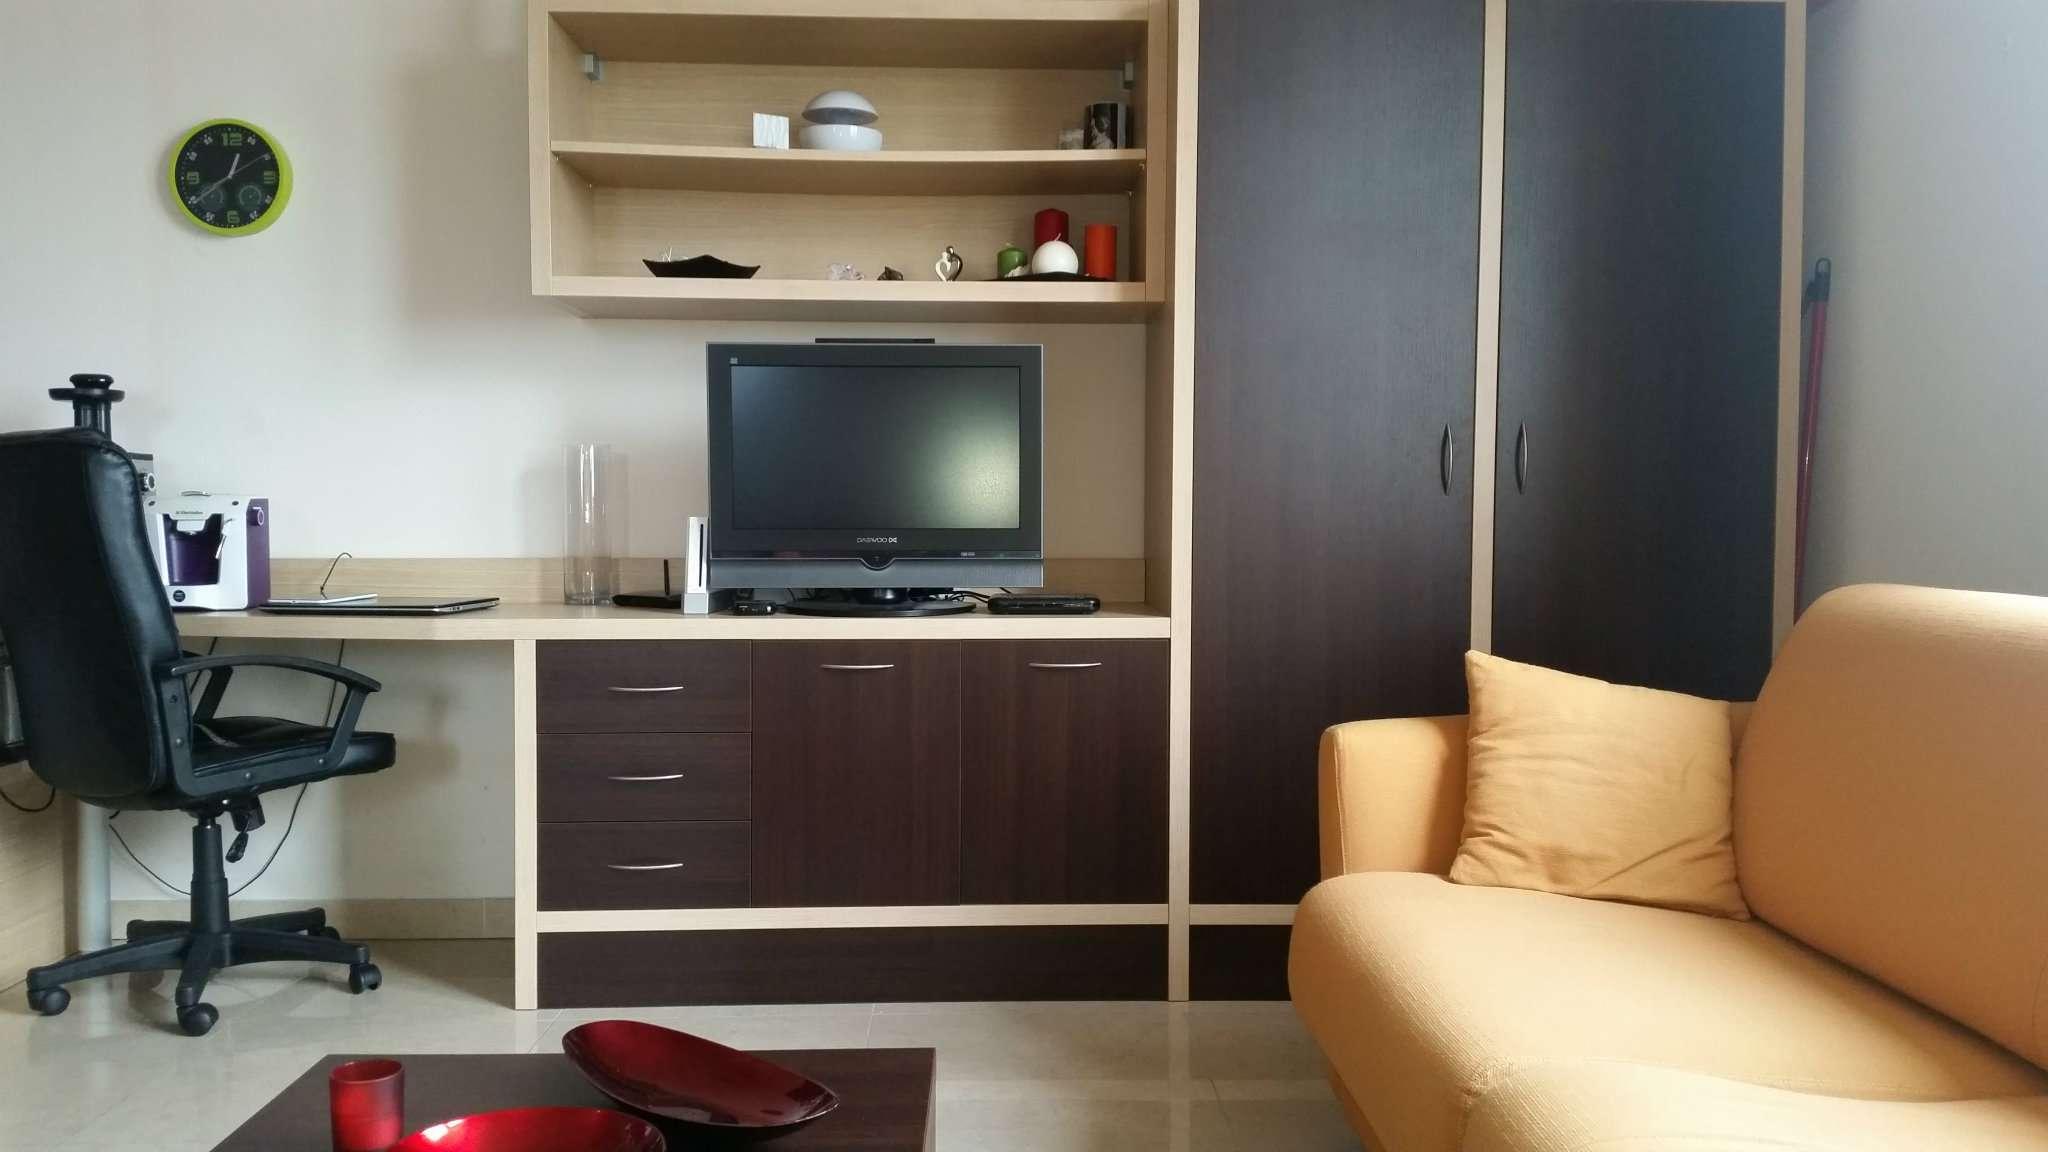 Appartamento bilocale in affitto a Livorno (LI)